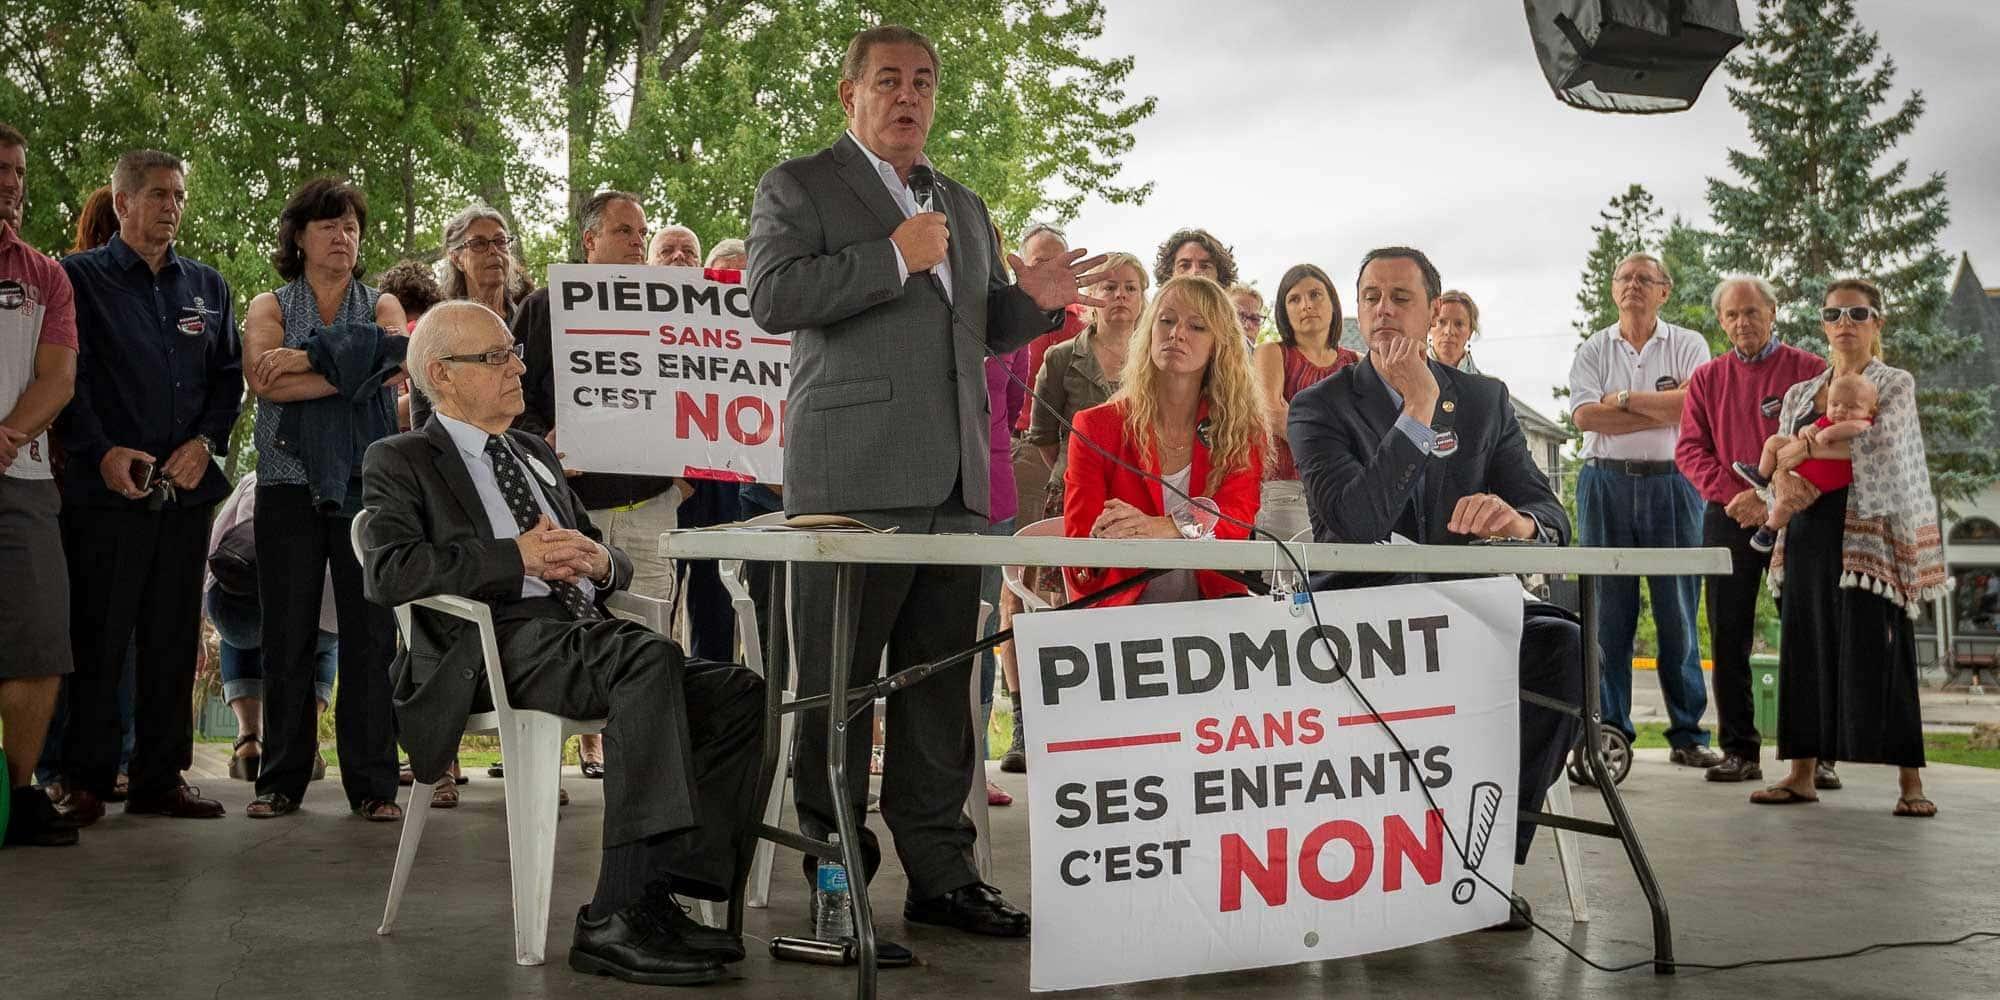 Le maire de Piedmont Clément Cardin, l'ex-député Jacques Duchesneau, la présidente de l'Association de citoyens Claudine Ouellette et le député de Chambly Jean-François Roberge, porte-parole de la CAQ en matière d'éducation, à Saint-Sauveur le 31 août 2016.